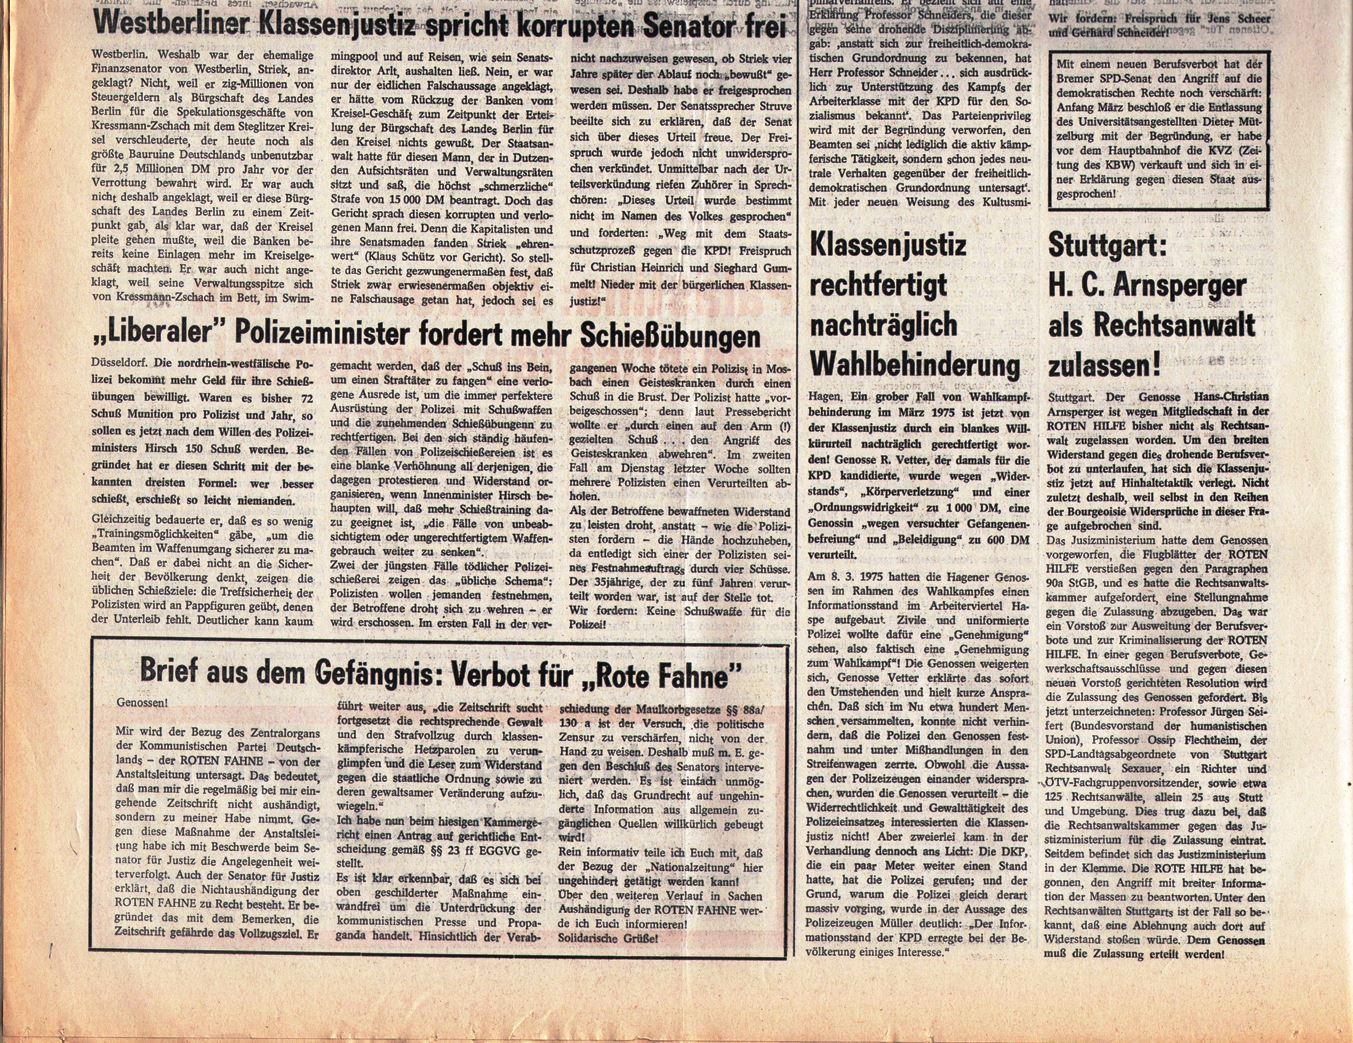 KPD_Rote_Fahne_1976_13_04